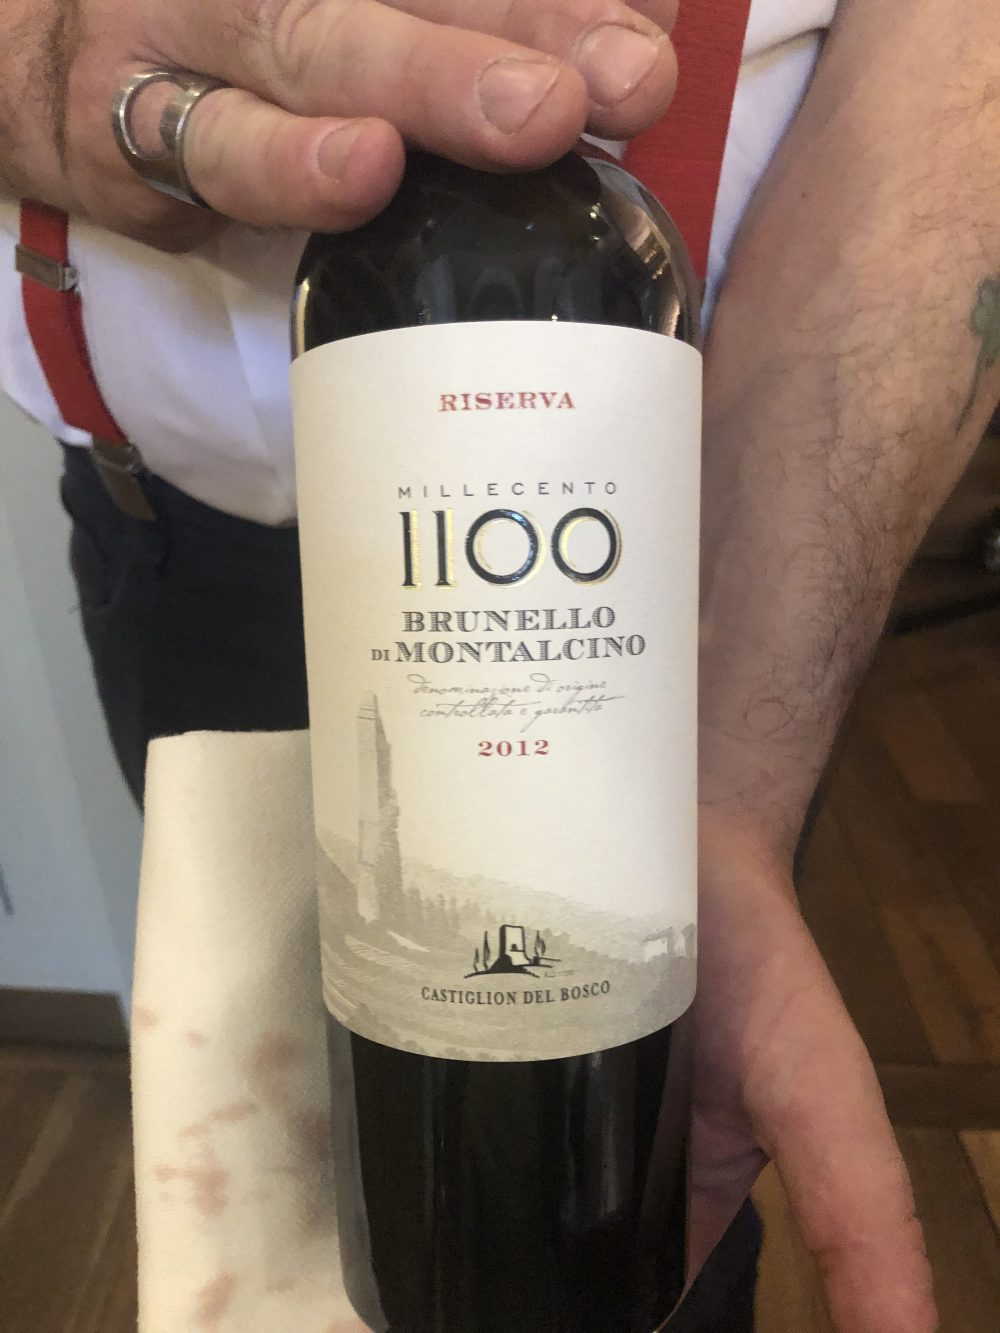 Riserva Millecento 1100 Brunello di Montalcino DOCG 2012